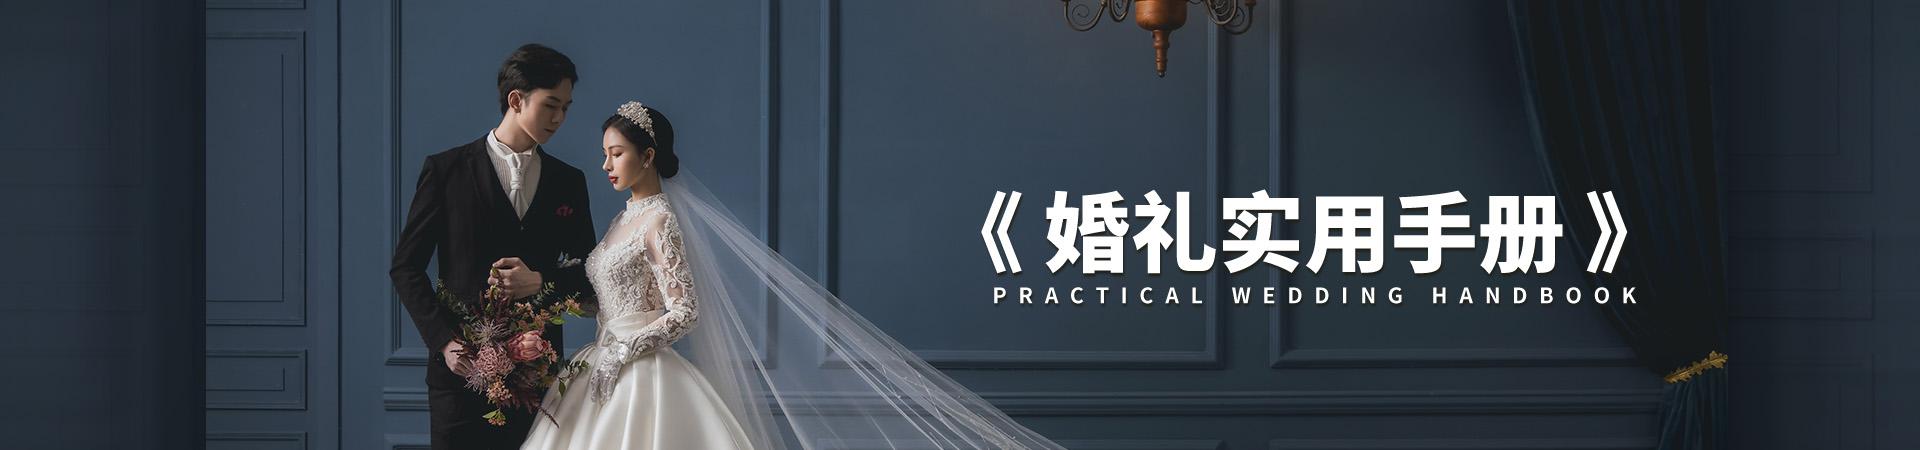 http://www.xingzi-vision.com/data/upload/202106/20210611123554_521.jpg